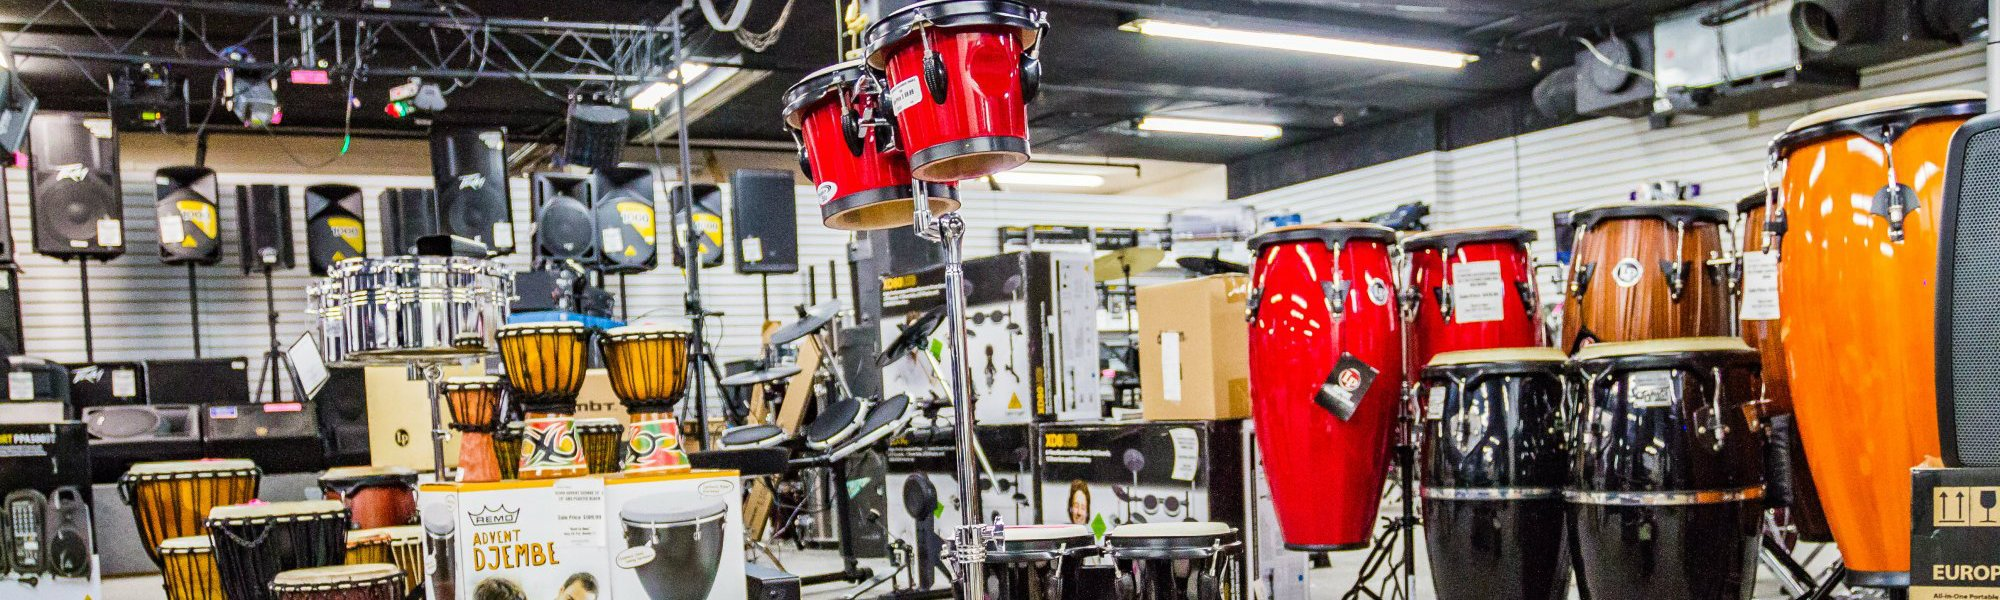 music near repair musical